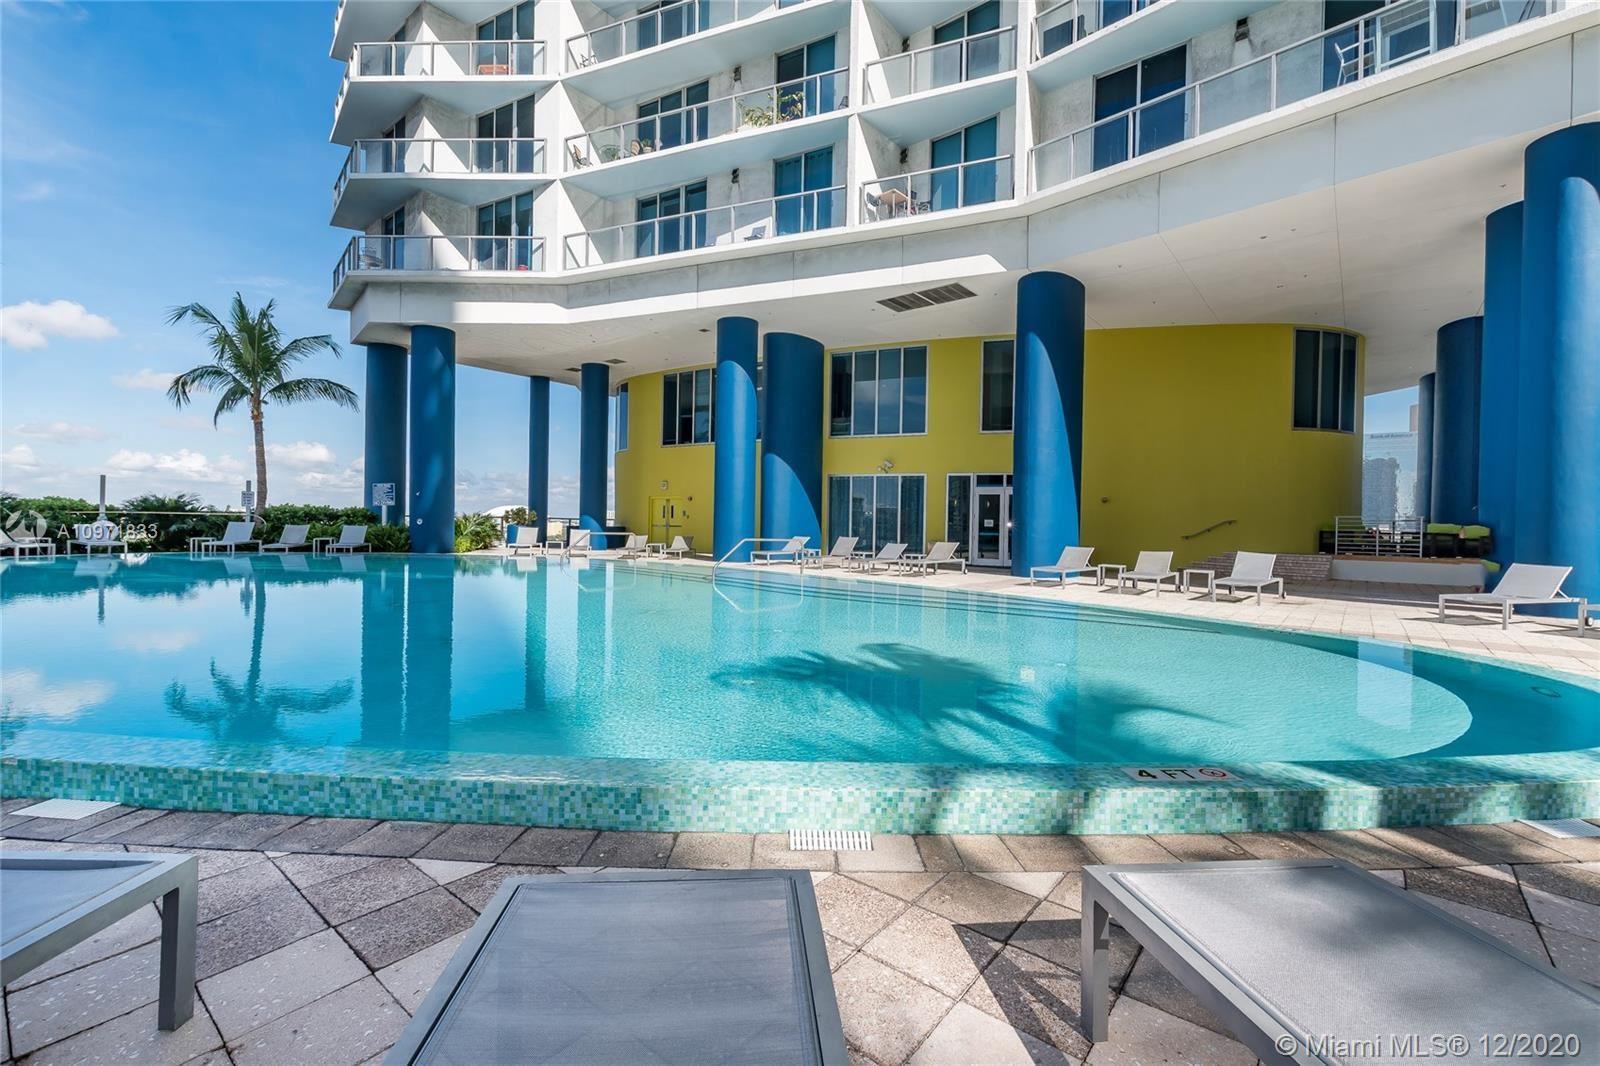 185 SW 7th St #2602, Miami, FL 33130 - #: A10971833